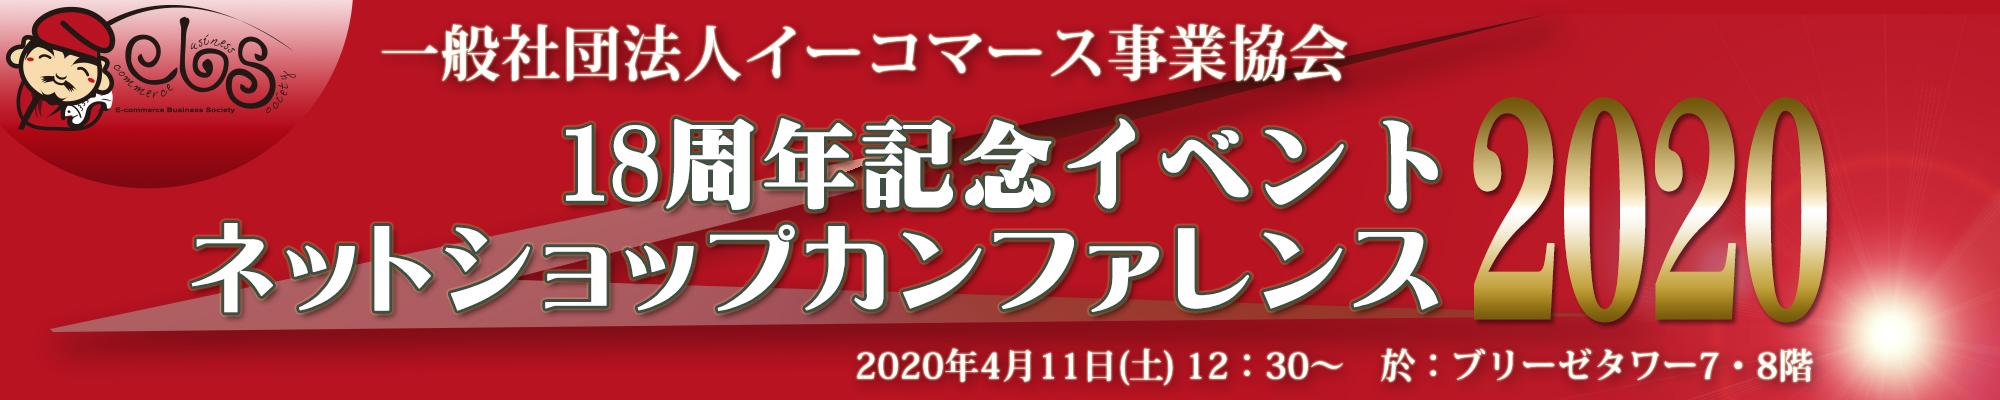 18周年記念イベント ネットショップカンファレンス2020